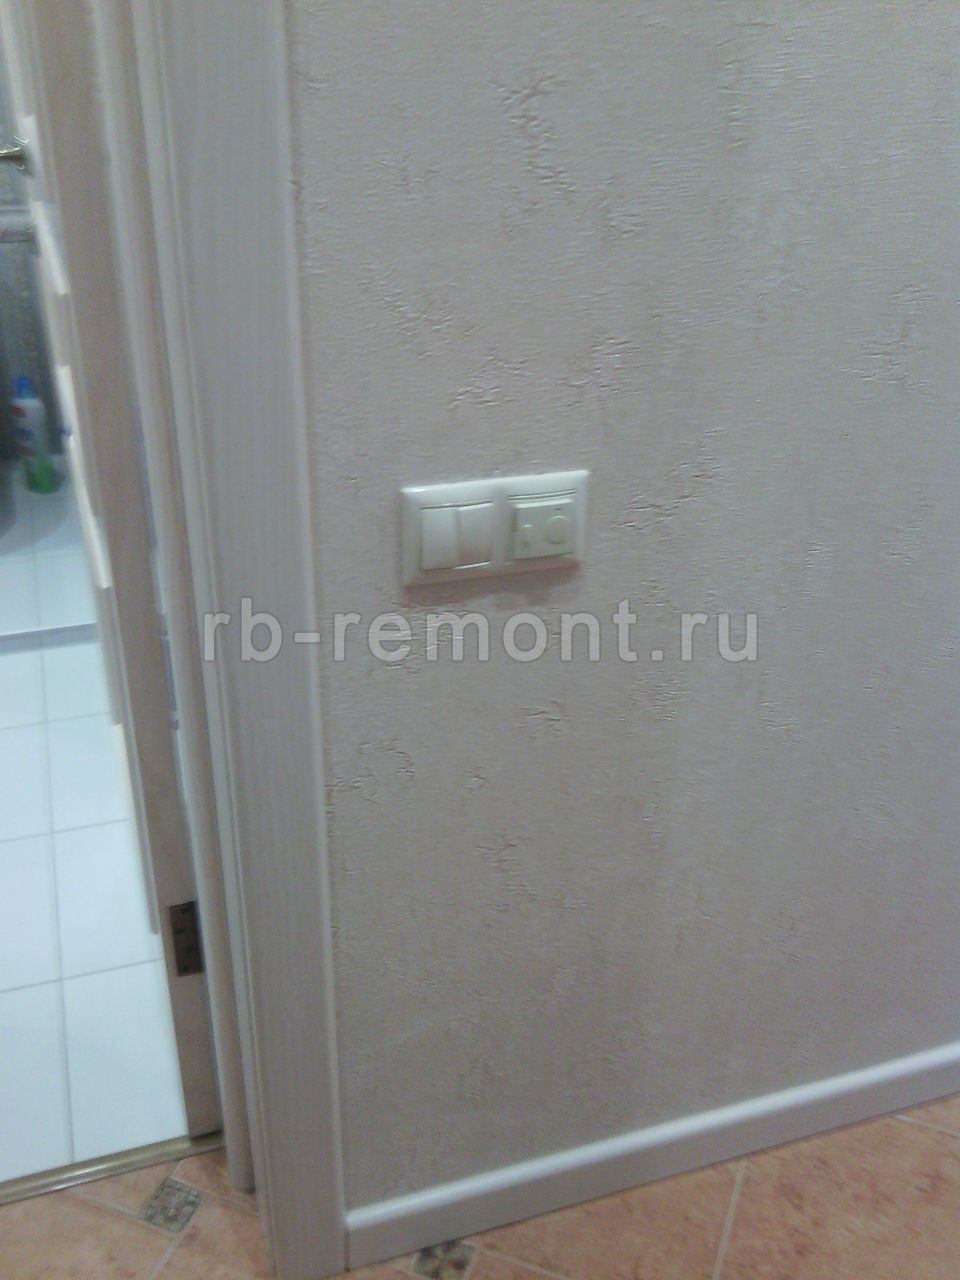 https://www.rb-remont.ru/raboty/photo_/komsomolskaya-125.1-00/img/img_20150709_121437.jpg (бол.)